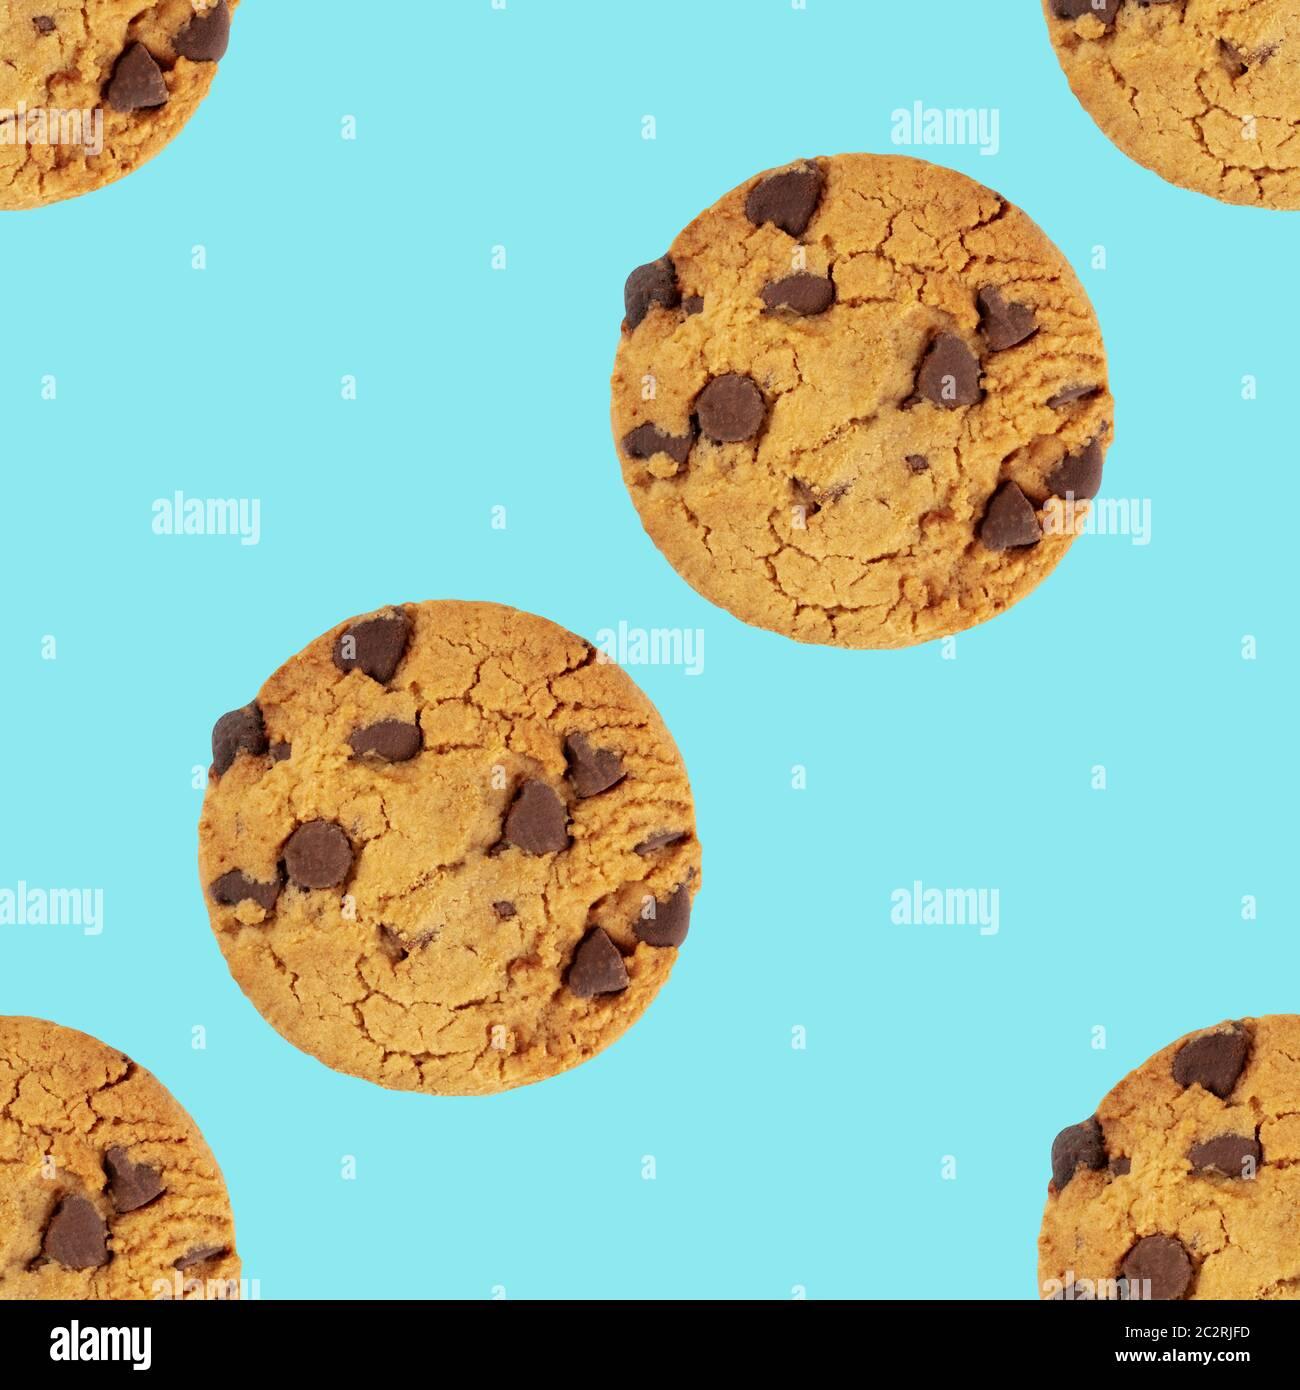 Las galletas con trocitos de chocolate, sin gluten, un patrón de repetición perfecta sobre un fondo azul. Foto de stock